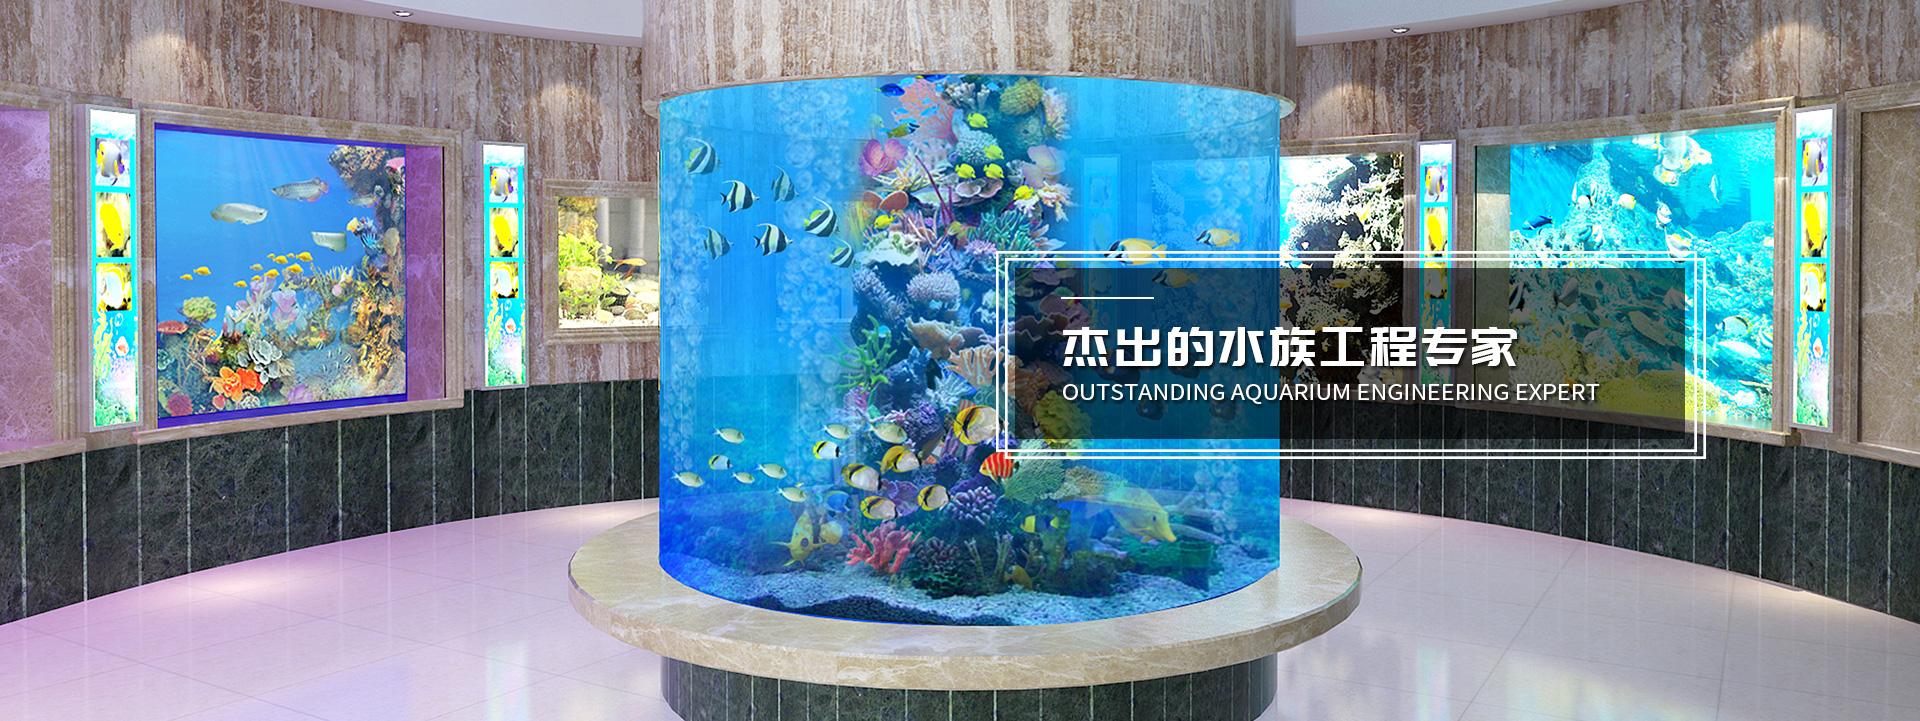 上海亚克力鱼缸定制/养护